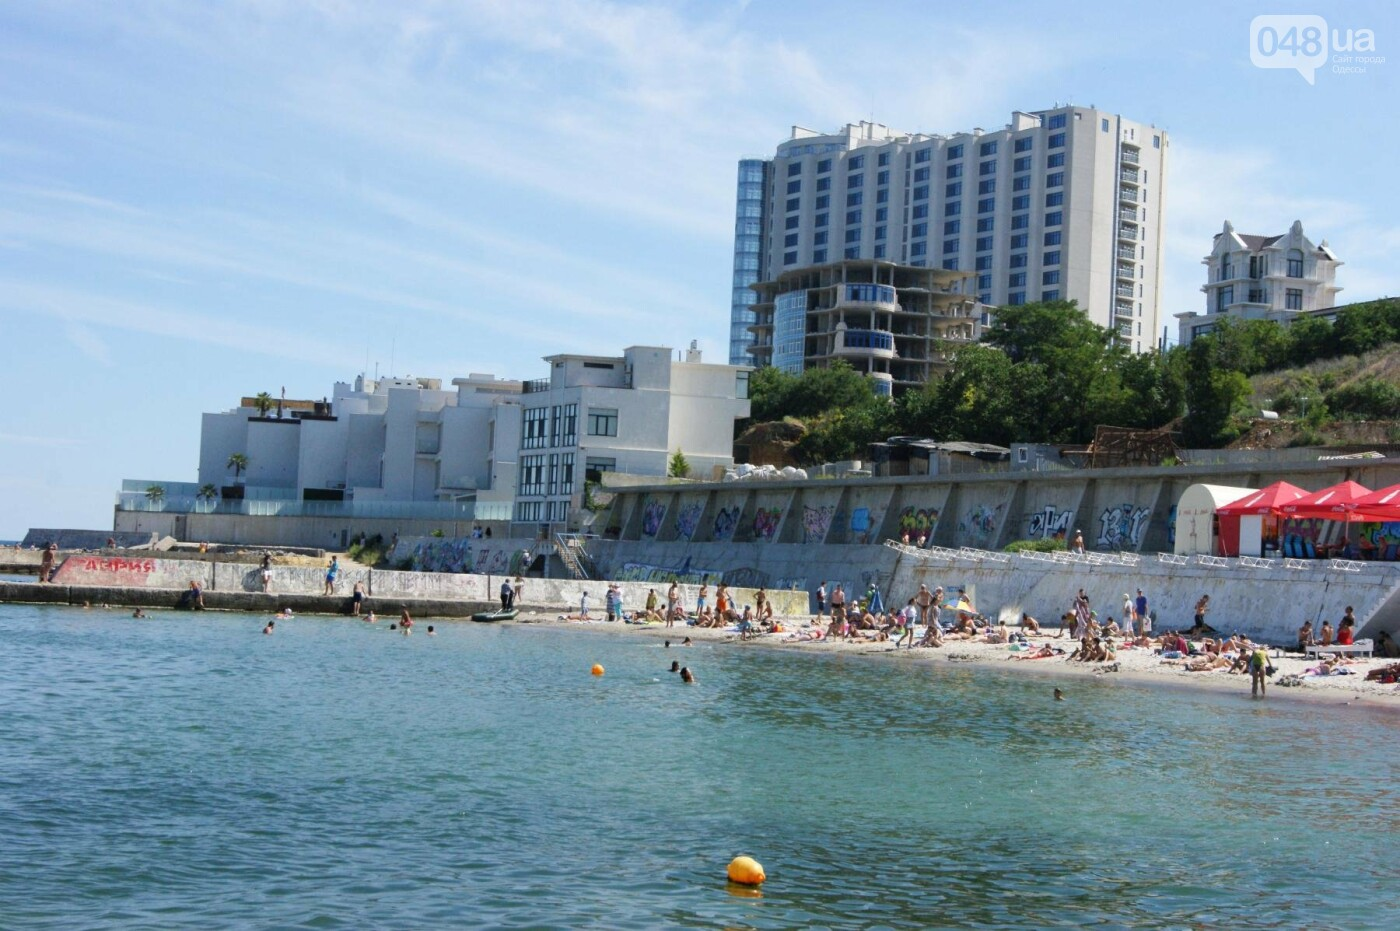 Неприличная Аркадия: что и почем на самом пафосном курорте Одессы, - ФОТОРЕПОРТАЖ, фото-13